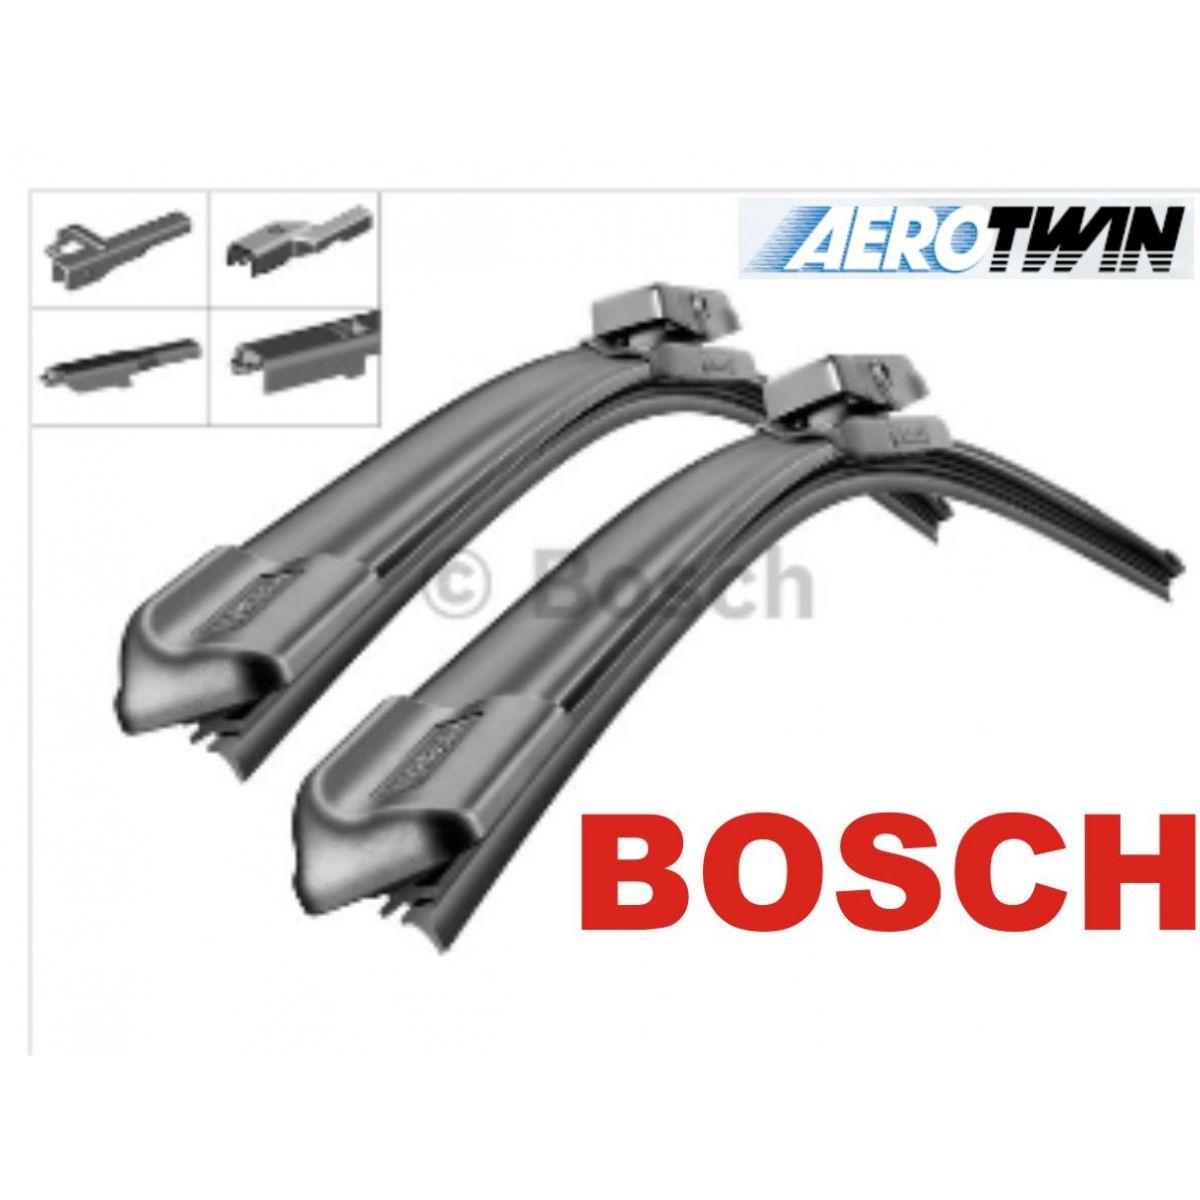 Palheta Bosch Aerotwin Plus Limpador de para brisa Bosch Porsche 911 (991), Boxster (981) ano 2011 em diante